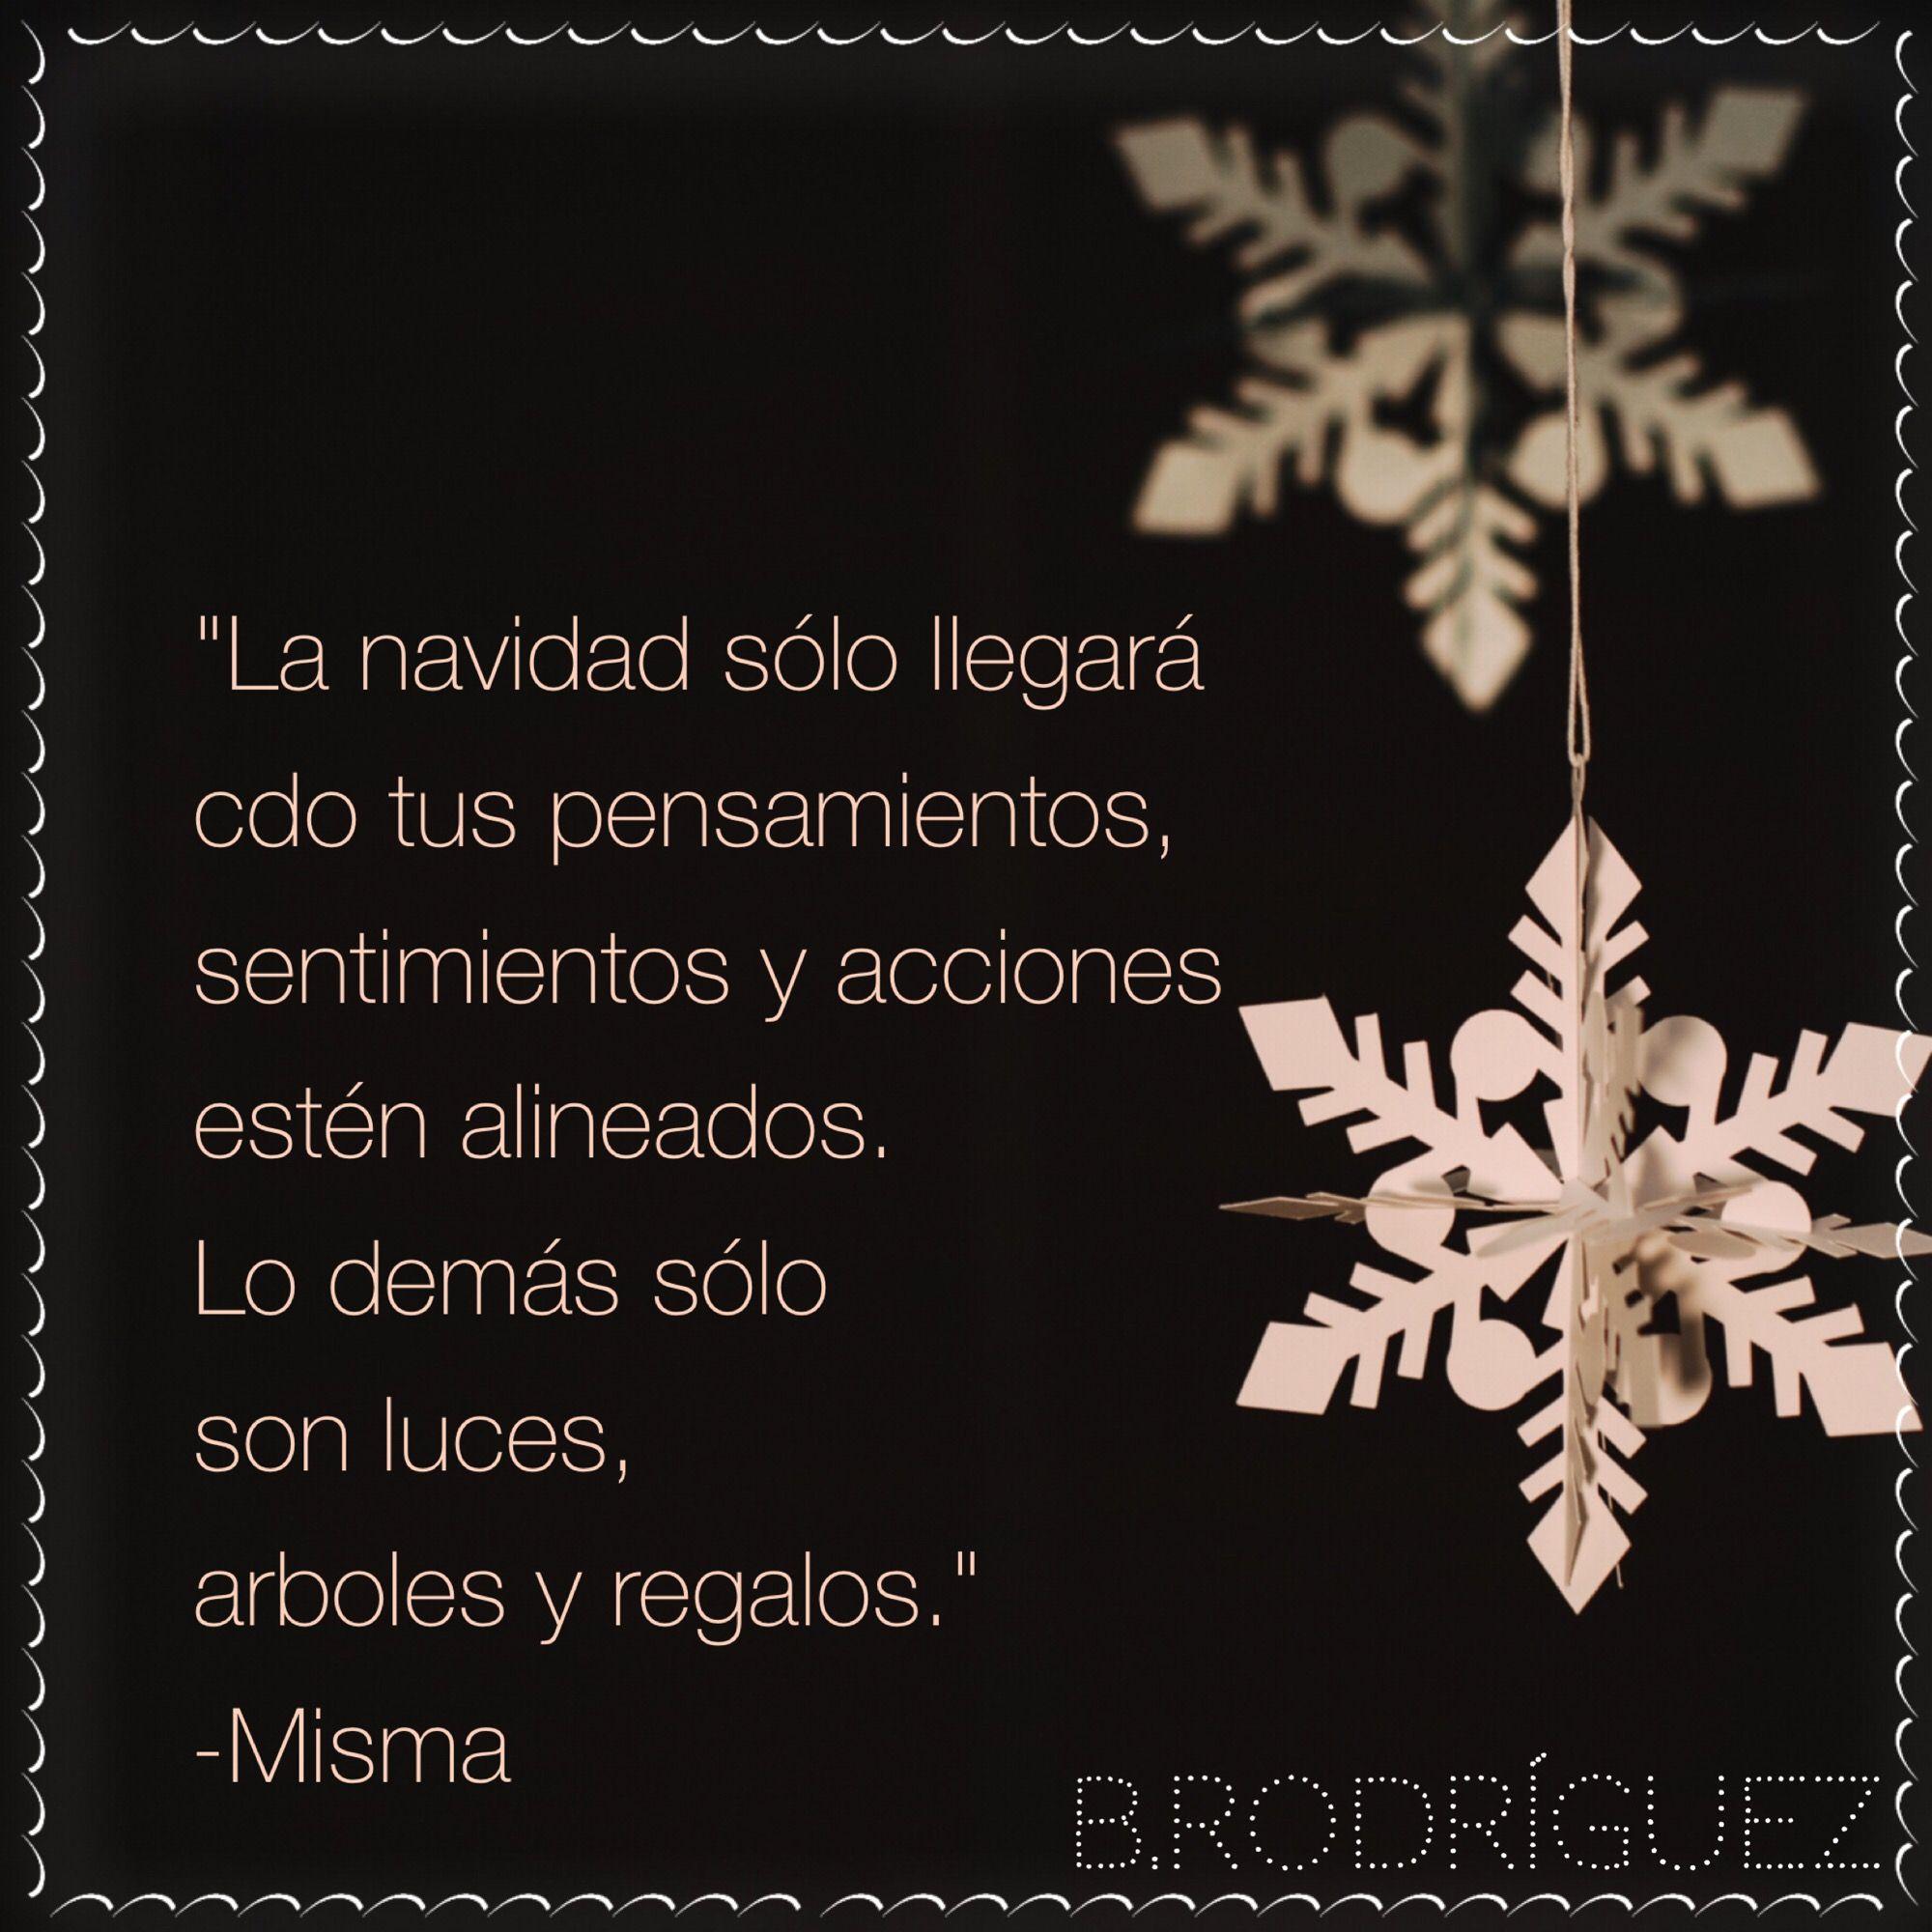 Estamos en Navidad! Excelente época para conectar contigo. Para que tus pensamientos y acciones estén alineados.Conecta. http://www.connectwithyourmisma.com #connectwithyourmisma #blog #empoderamiento #latina #boricua